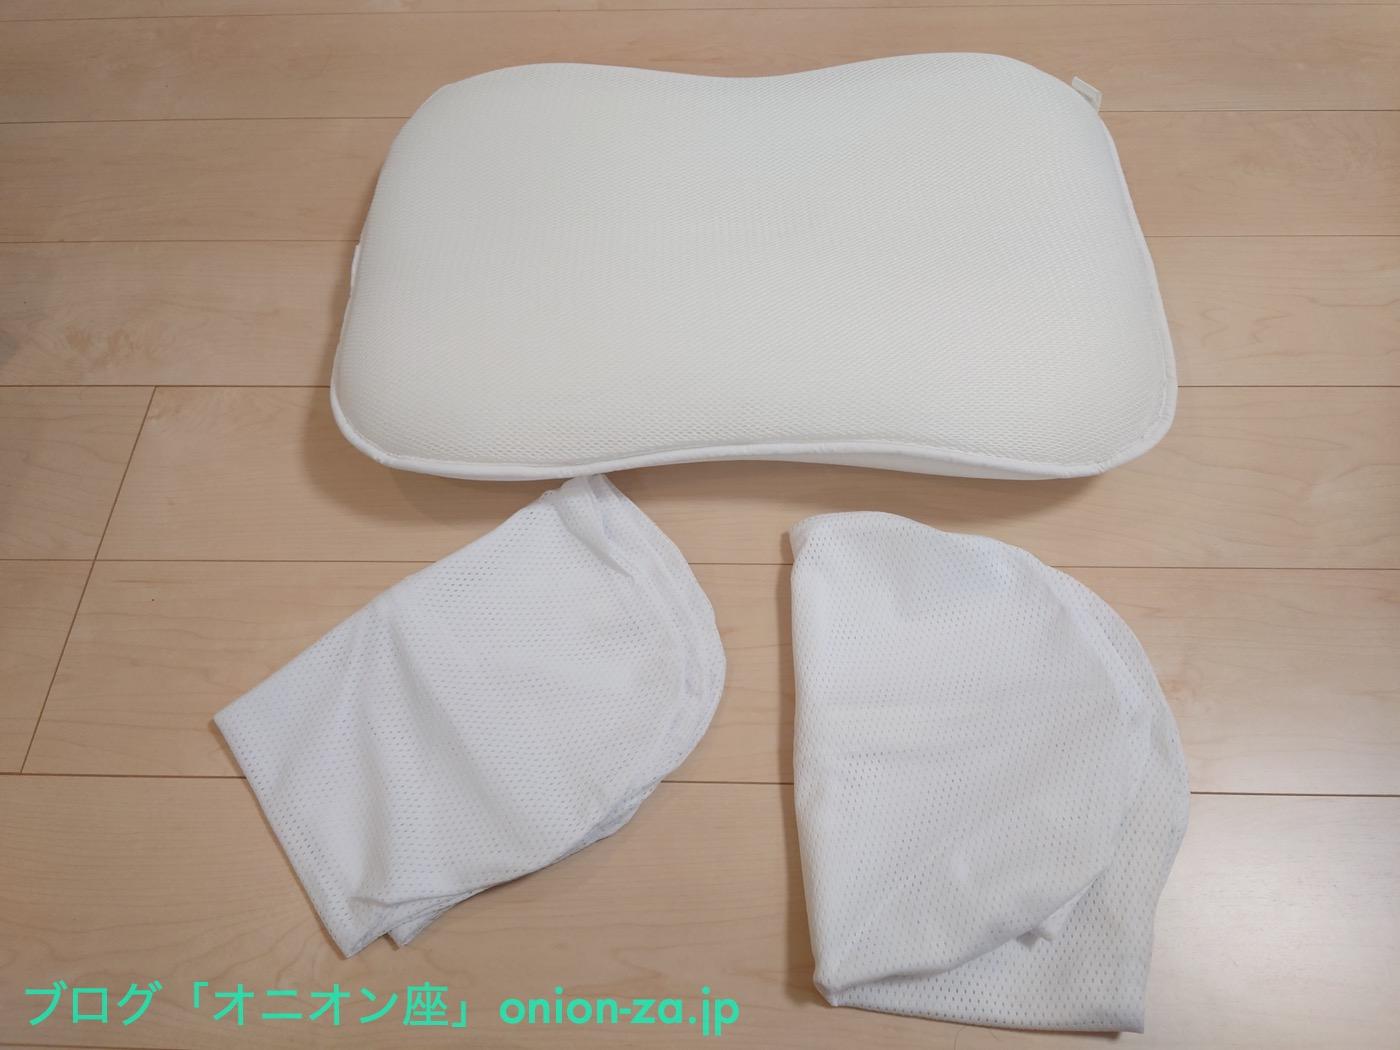 枕もカバーもサイズはヨコ60cmタテ40cm。カバーは他社の市販品も使えそうです。